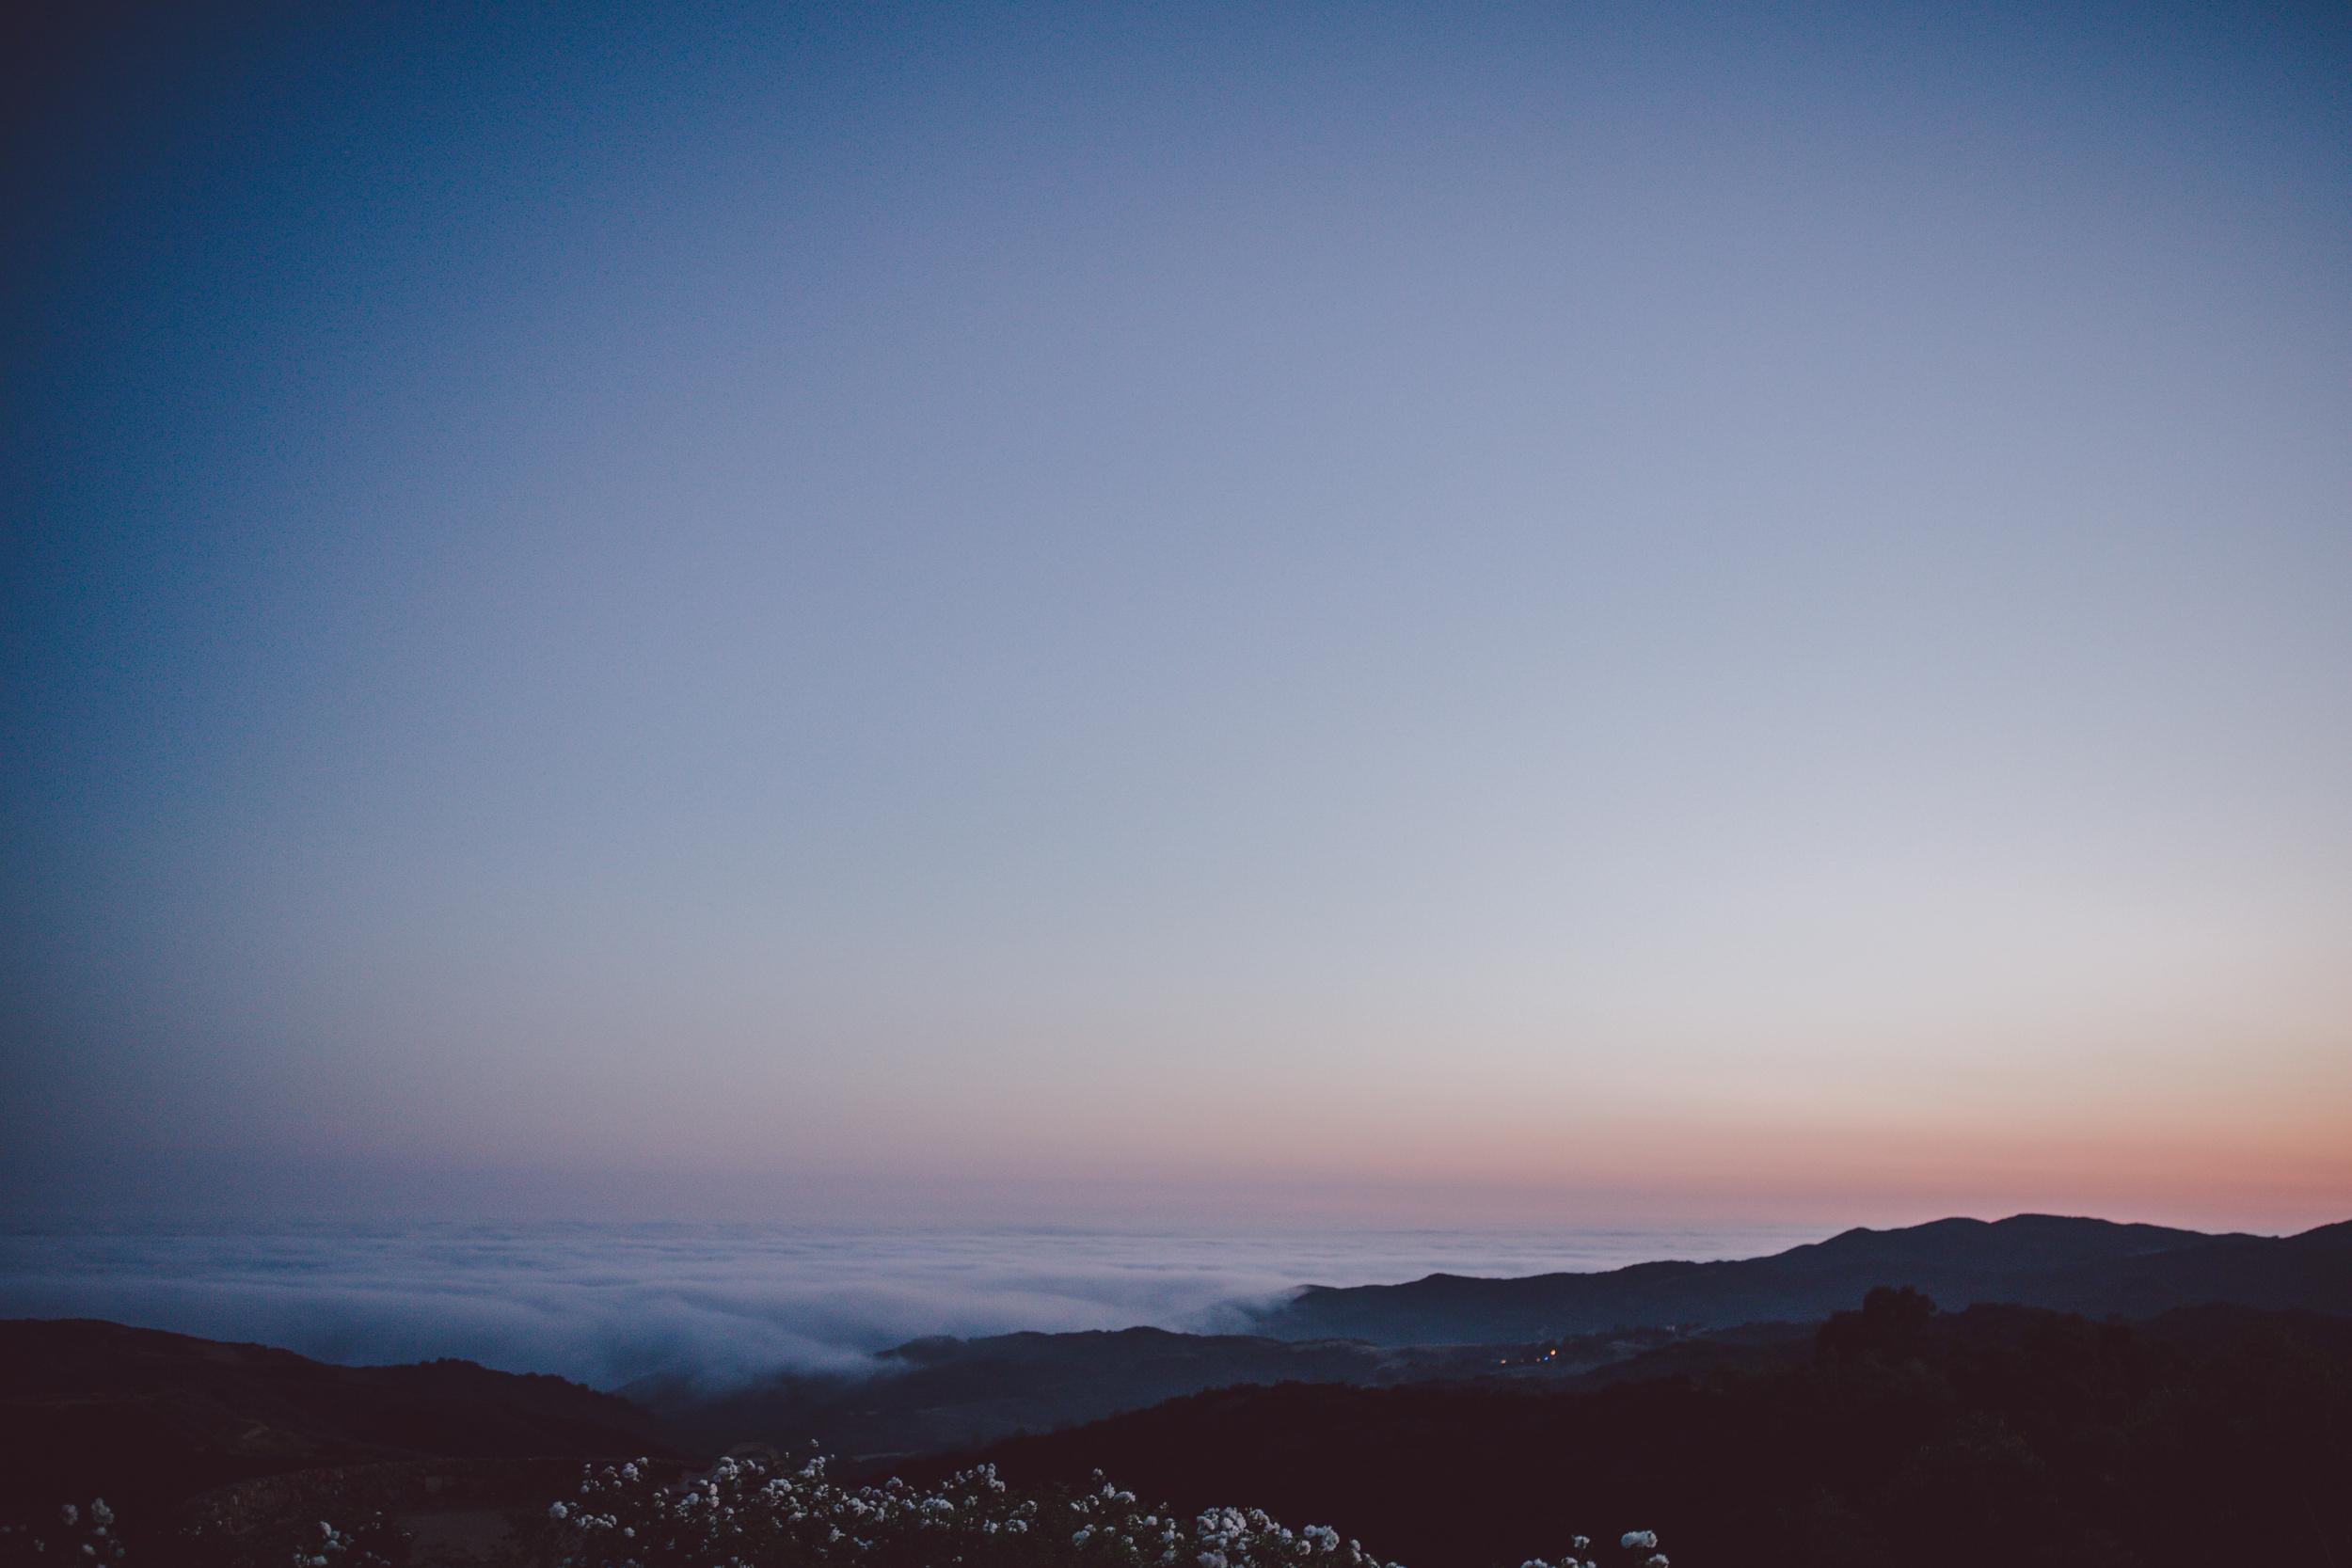 malibu-stonewall ranch-sunset-adventure-couple